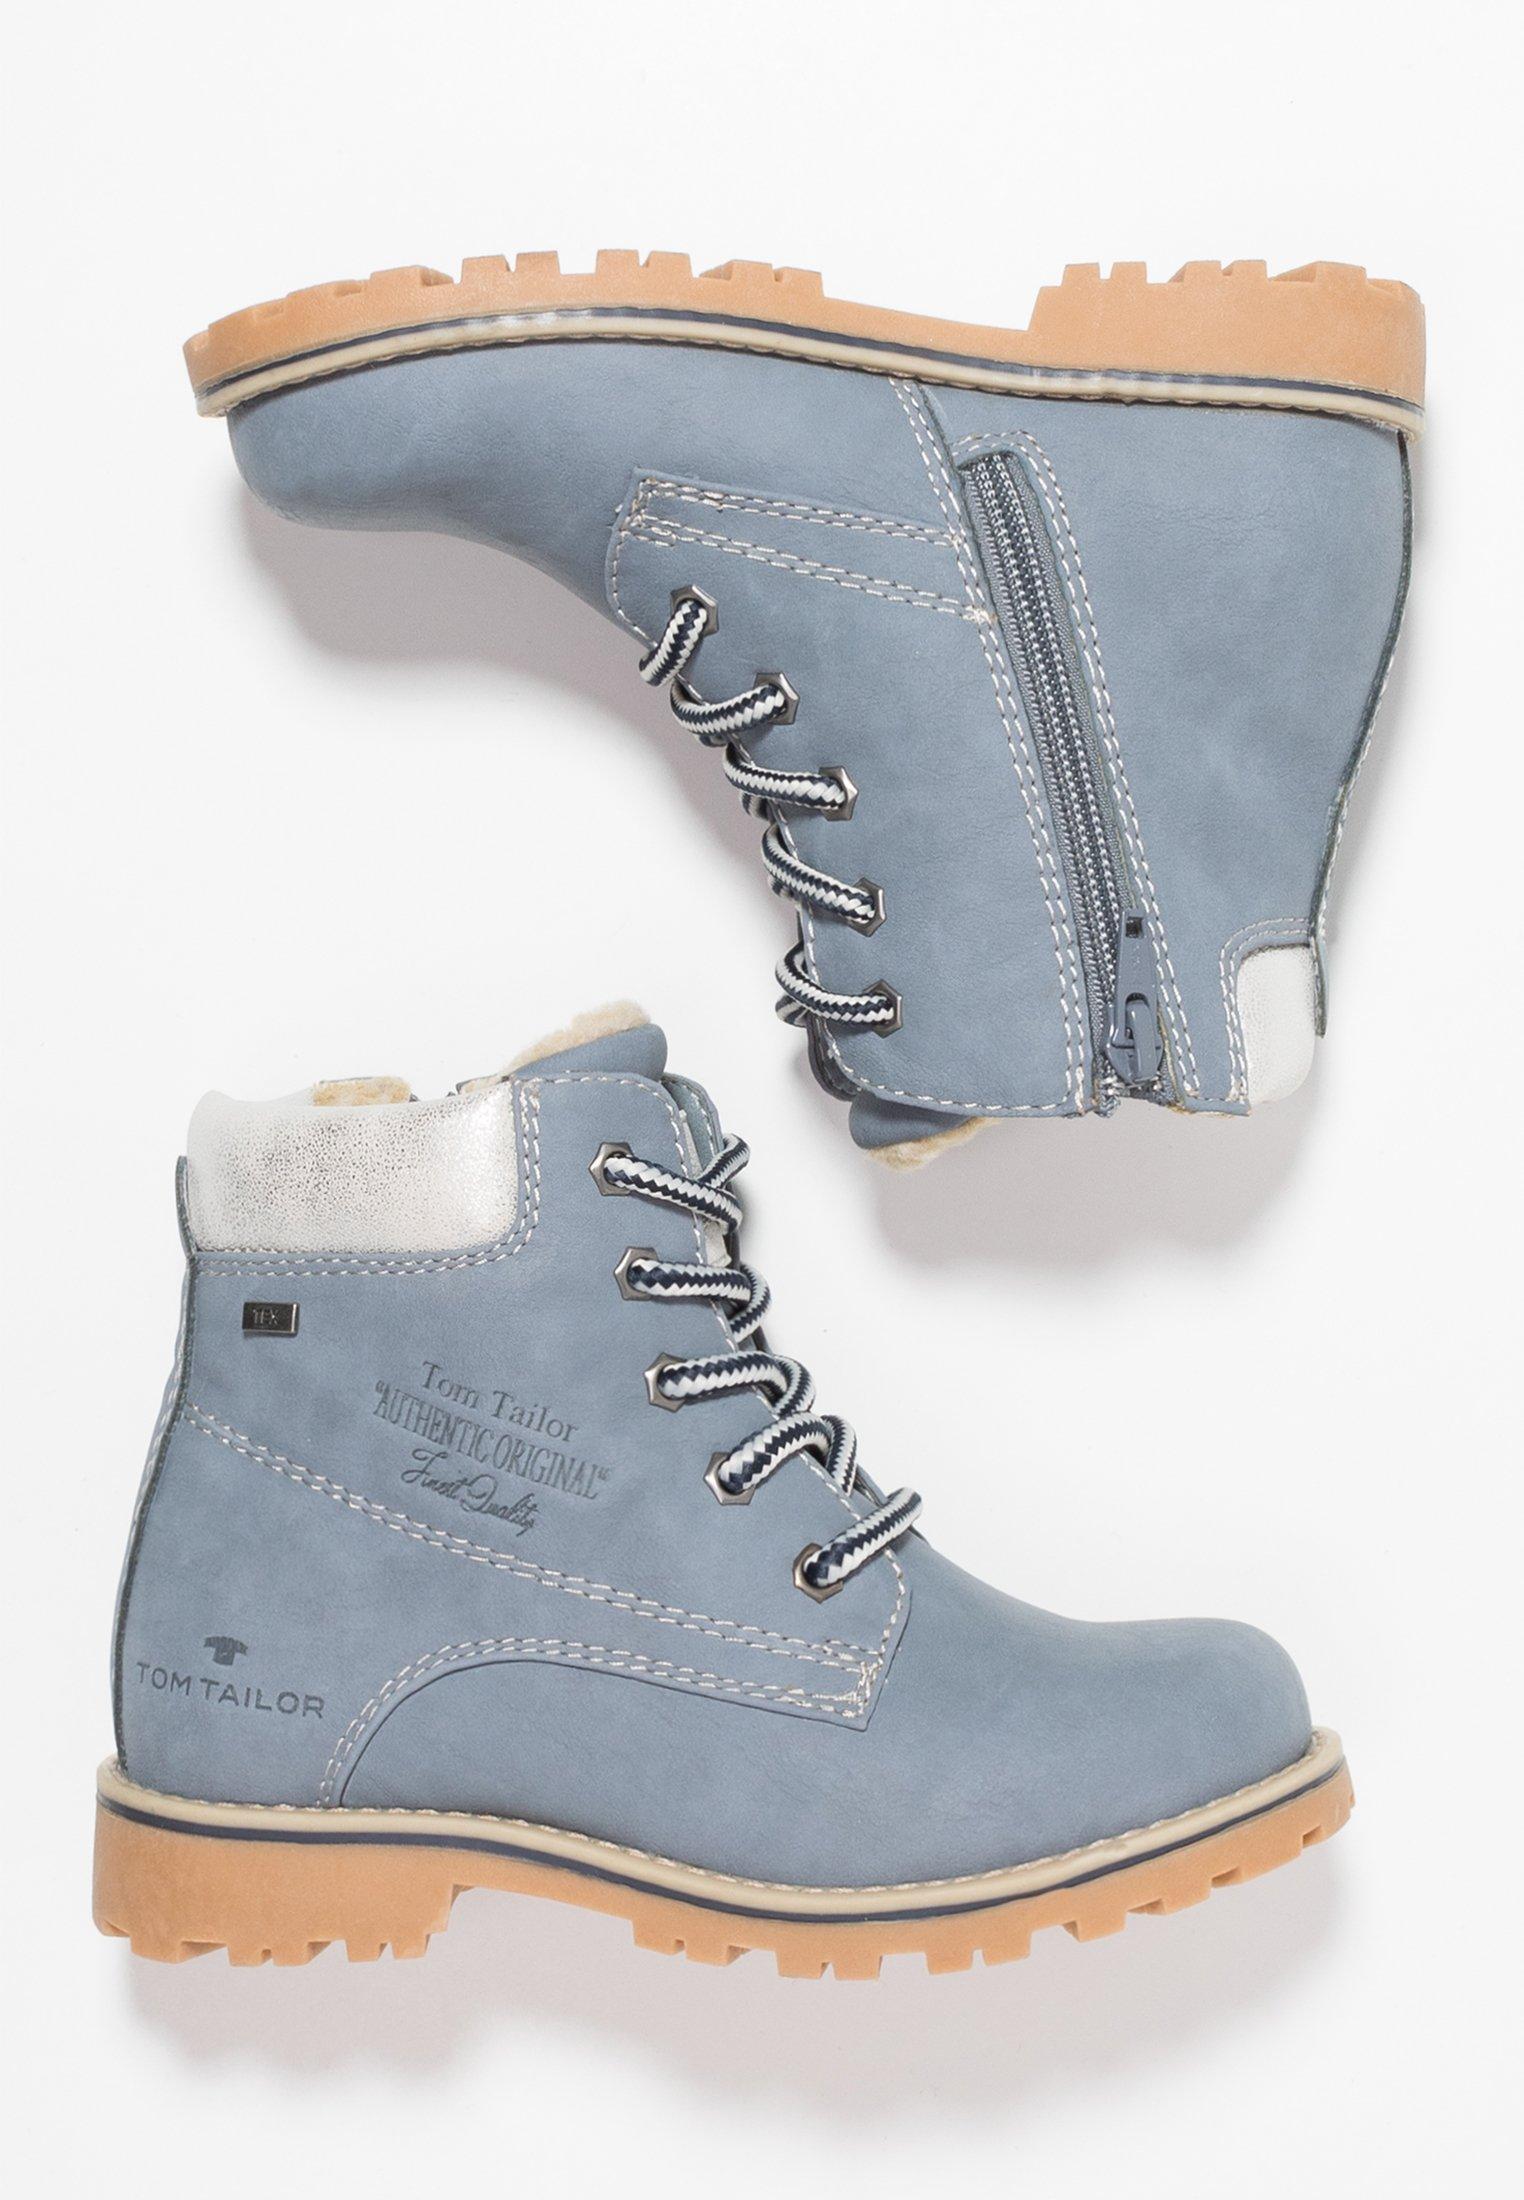 Boots & stövlar | Herr Storlek 49.5 | Rea online på Zalando.se